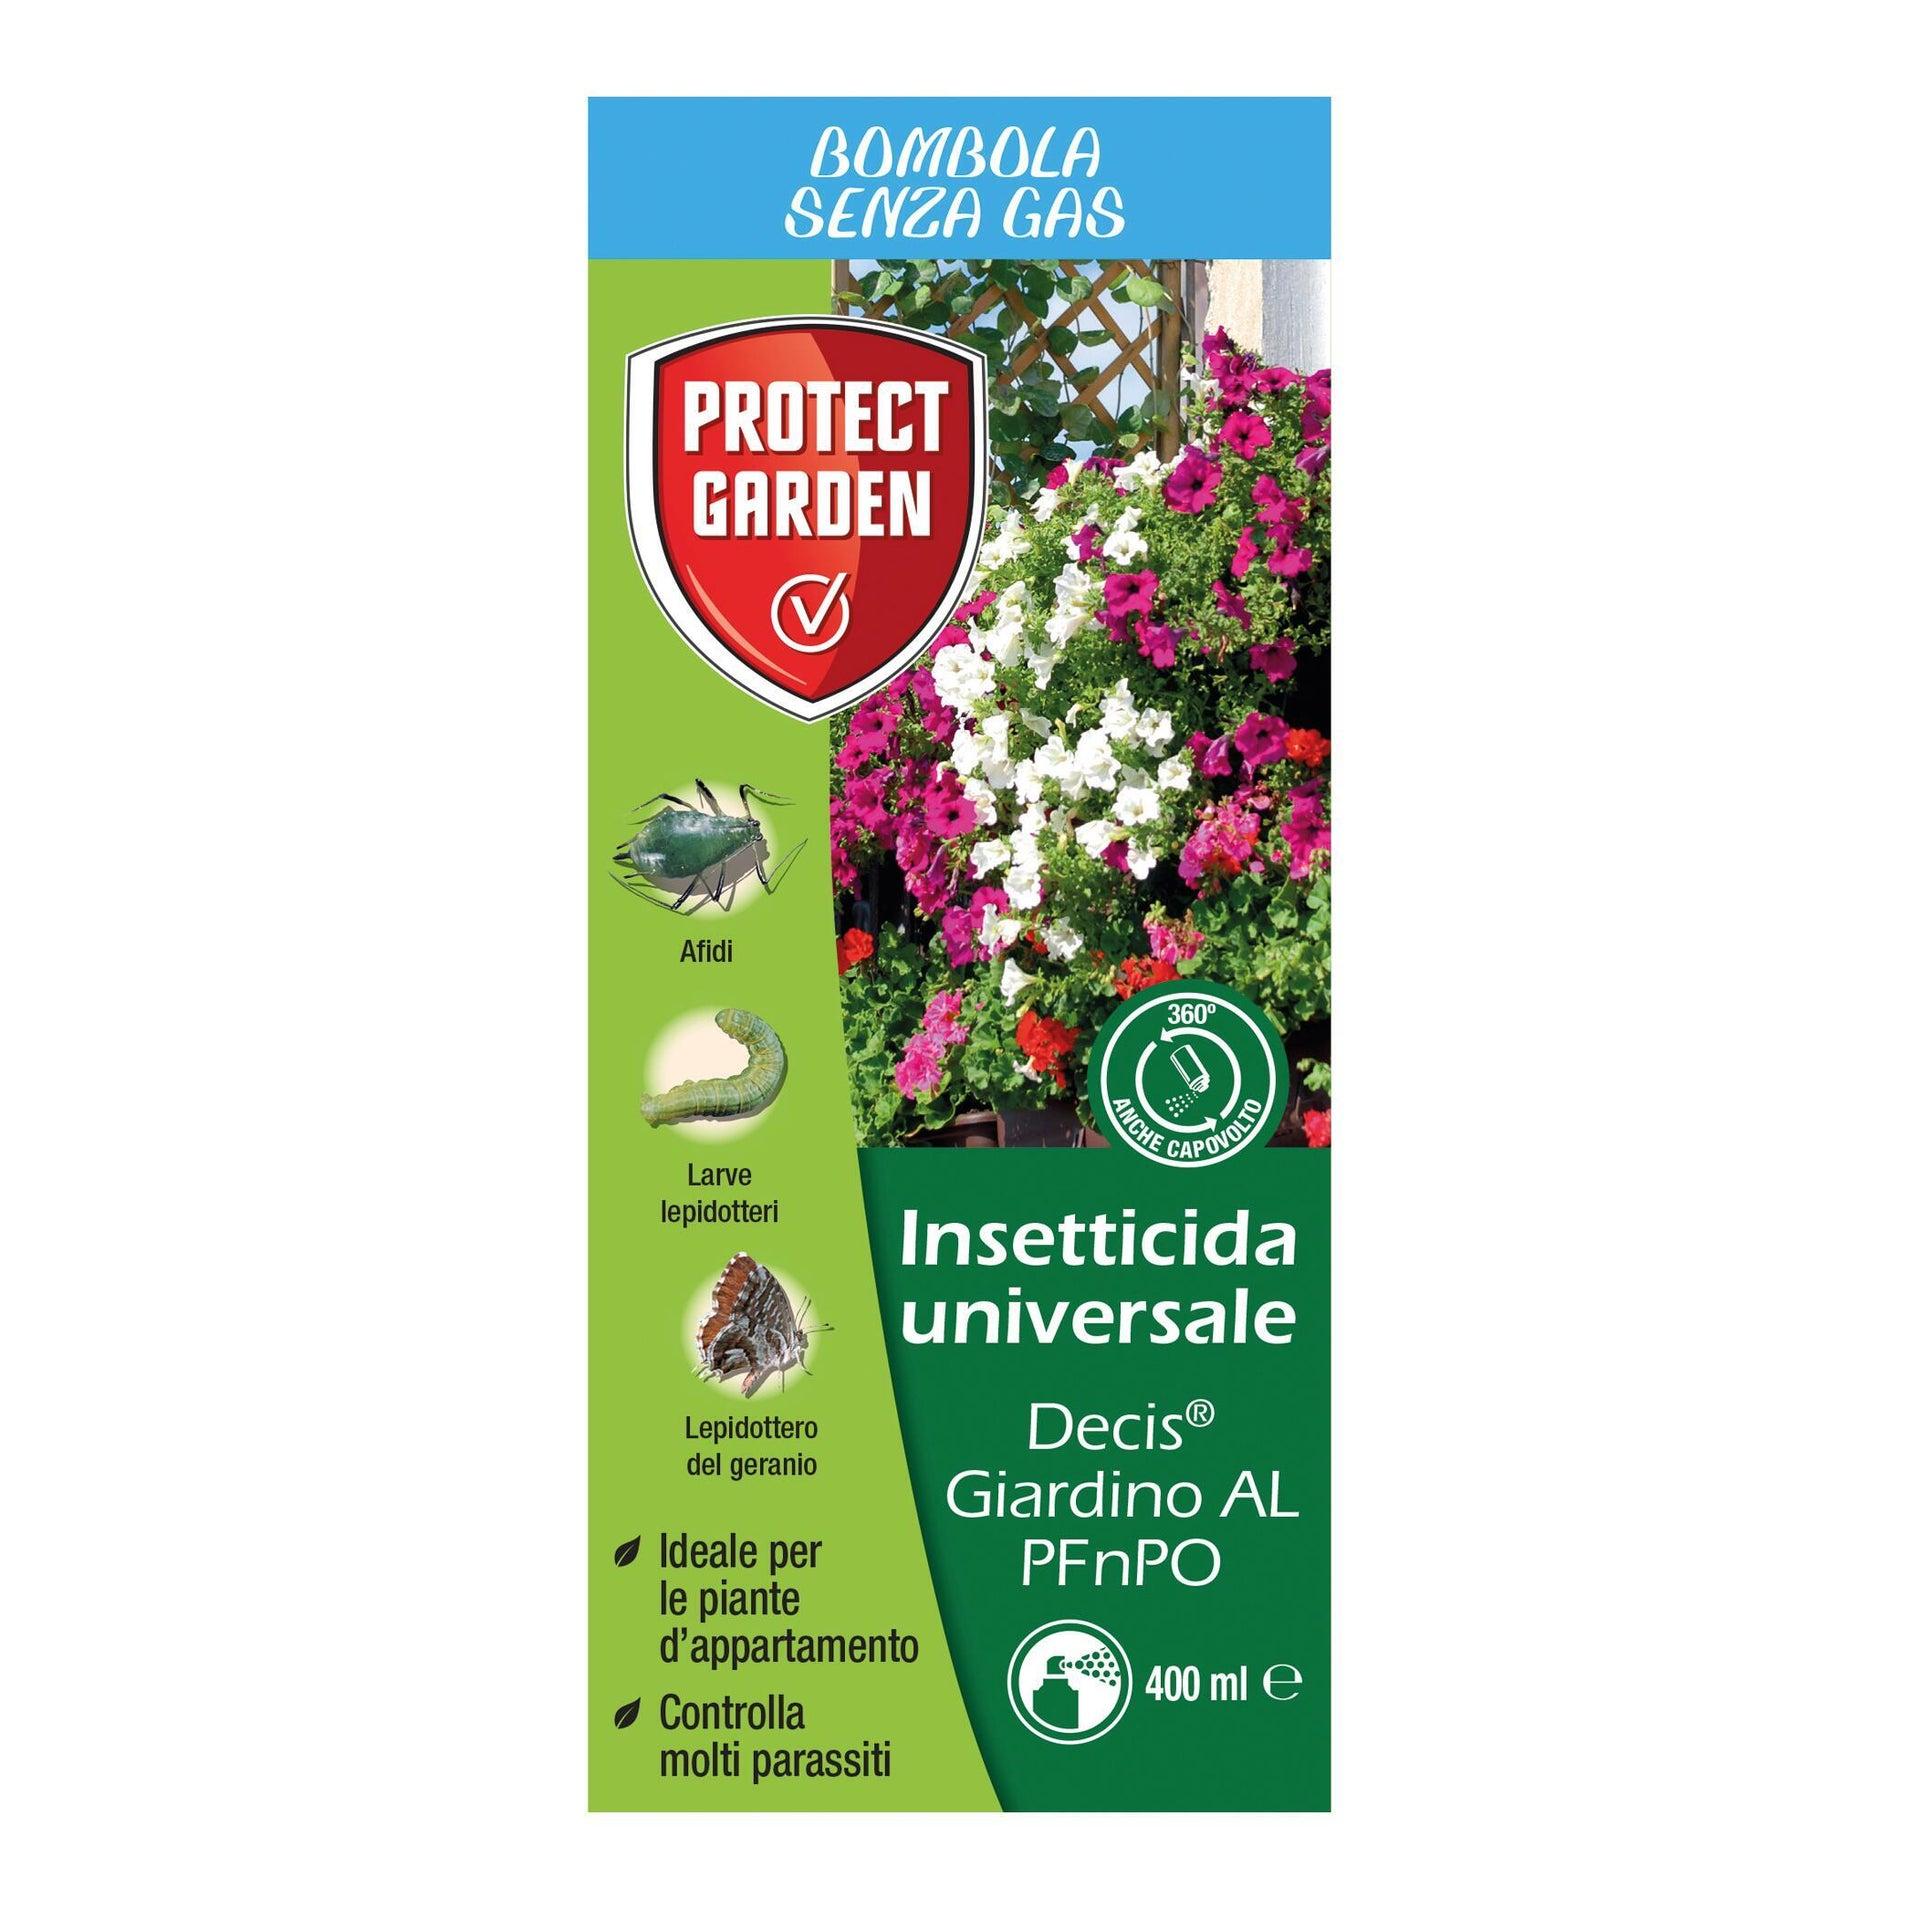 Insetticida PROTECT GARDEN universale Decis 400 ml - 2